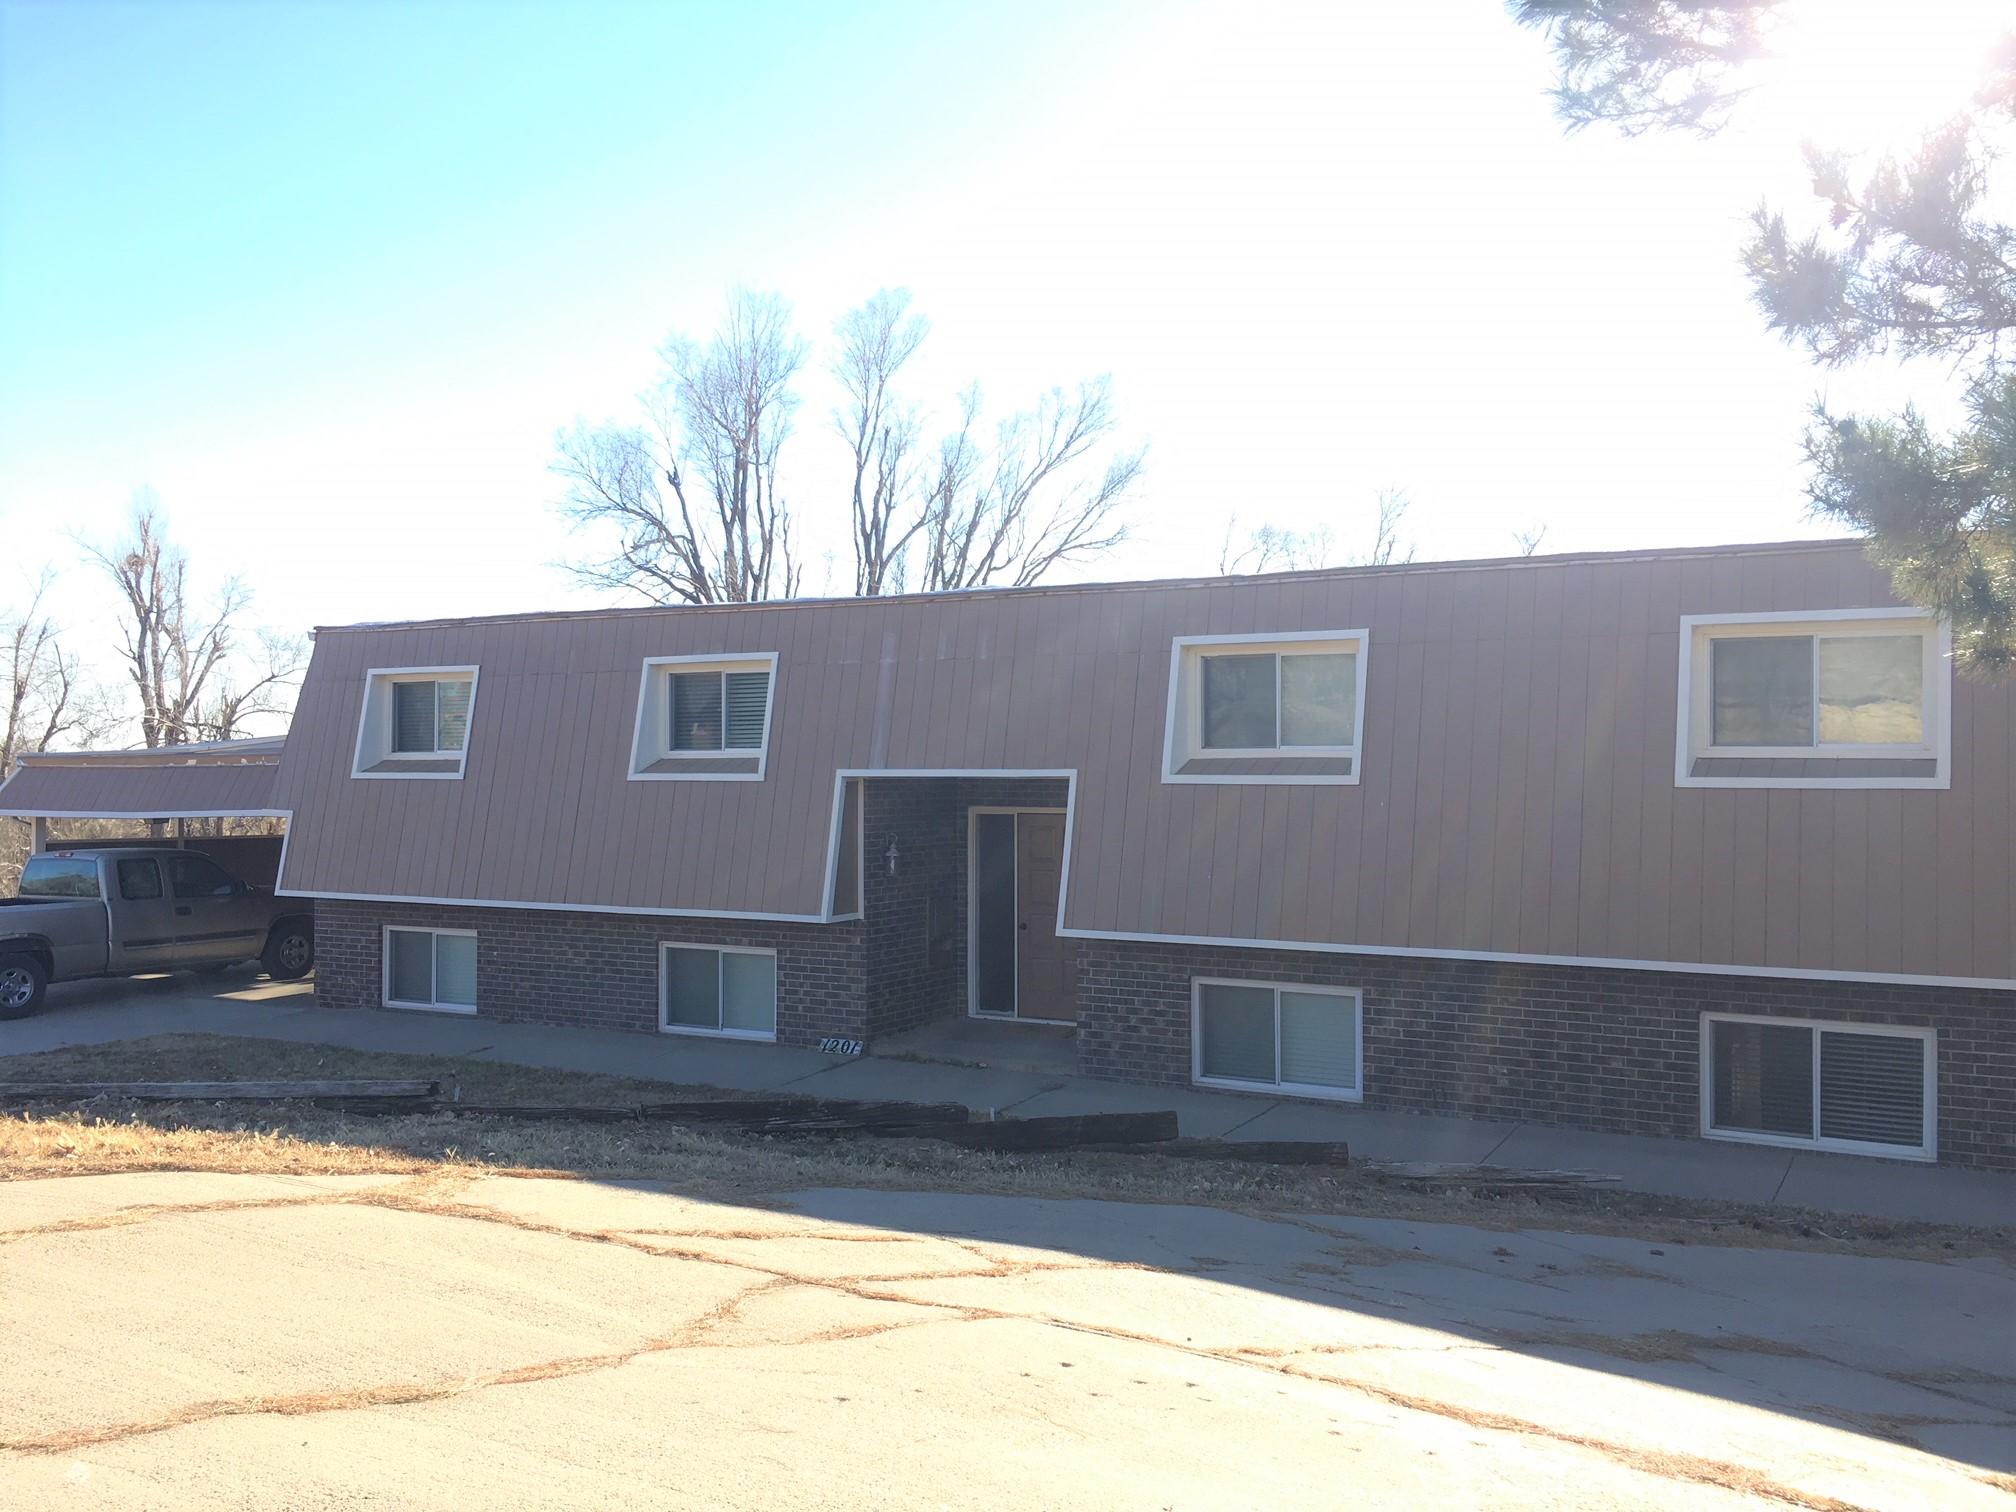 1201 Pawnee Heights, Apt 2